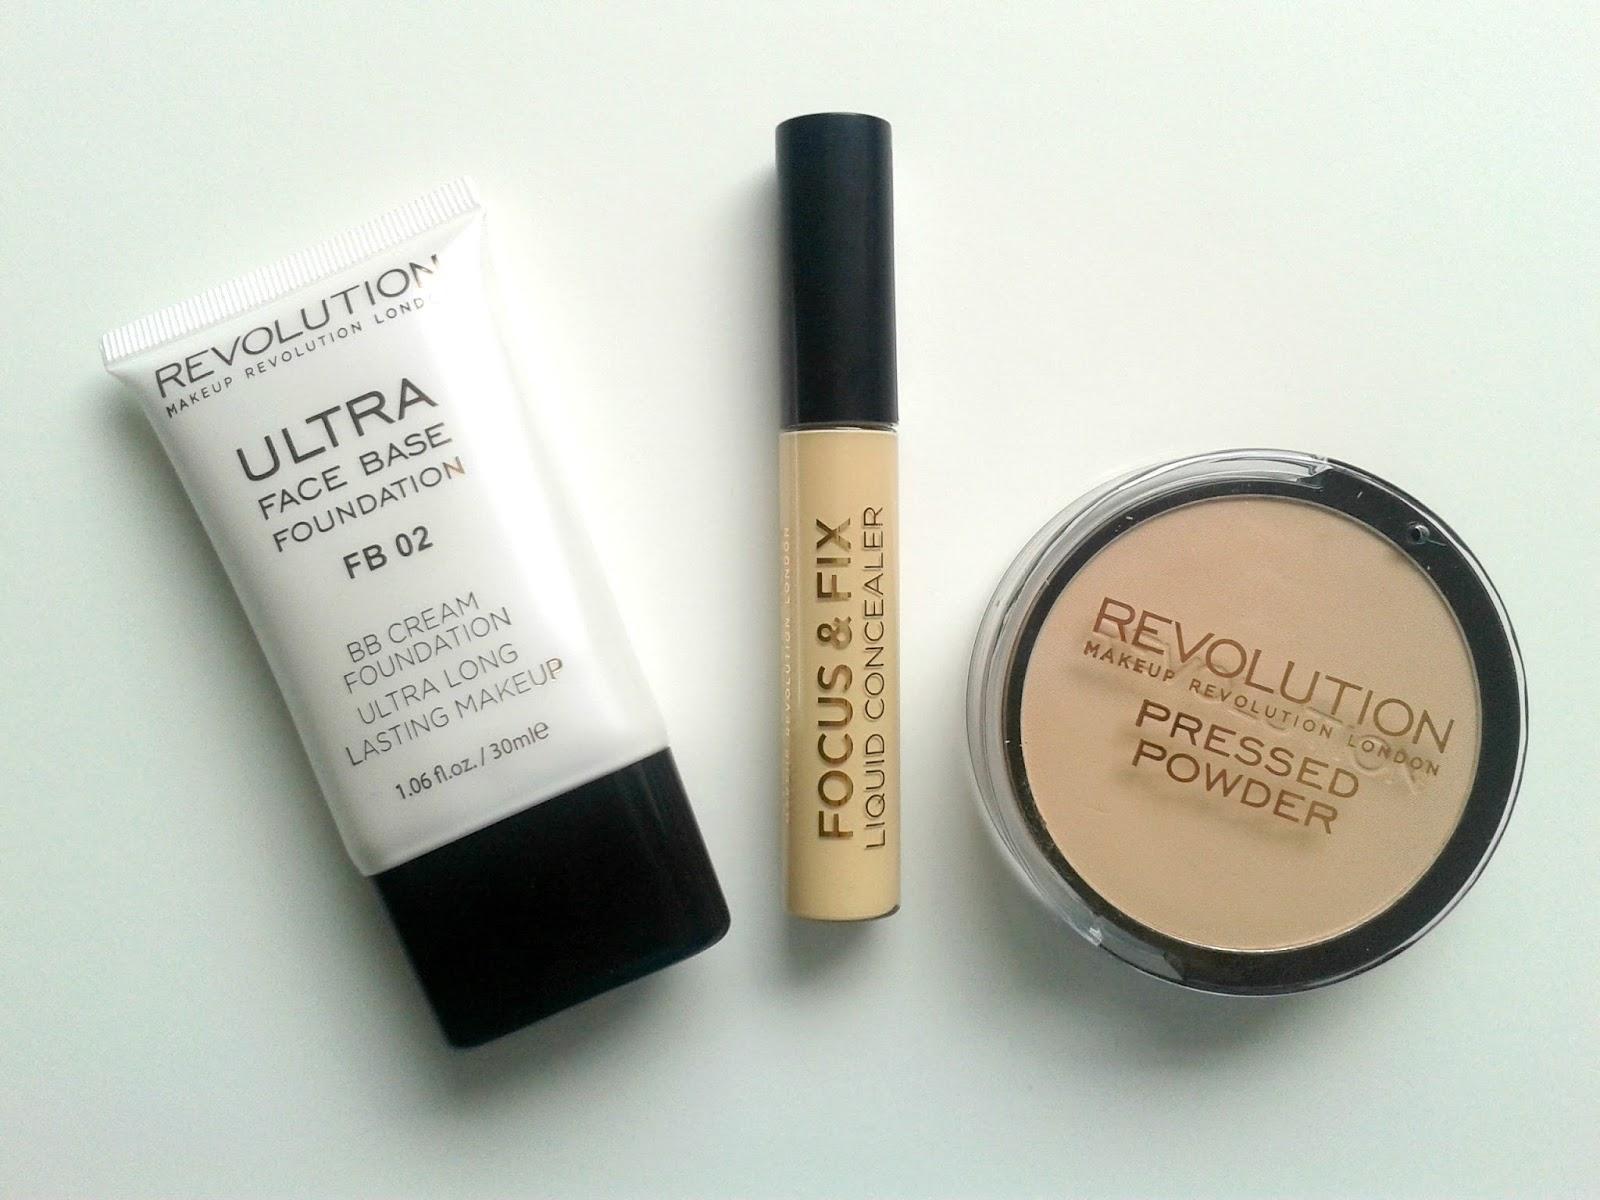 Makeup revolution concealer online